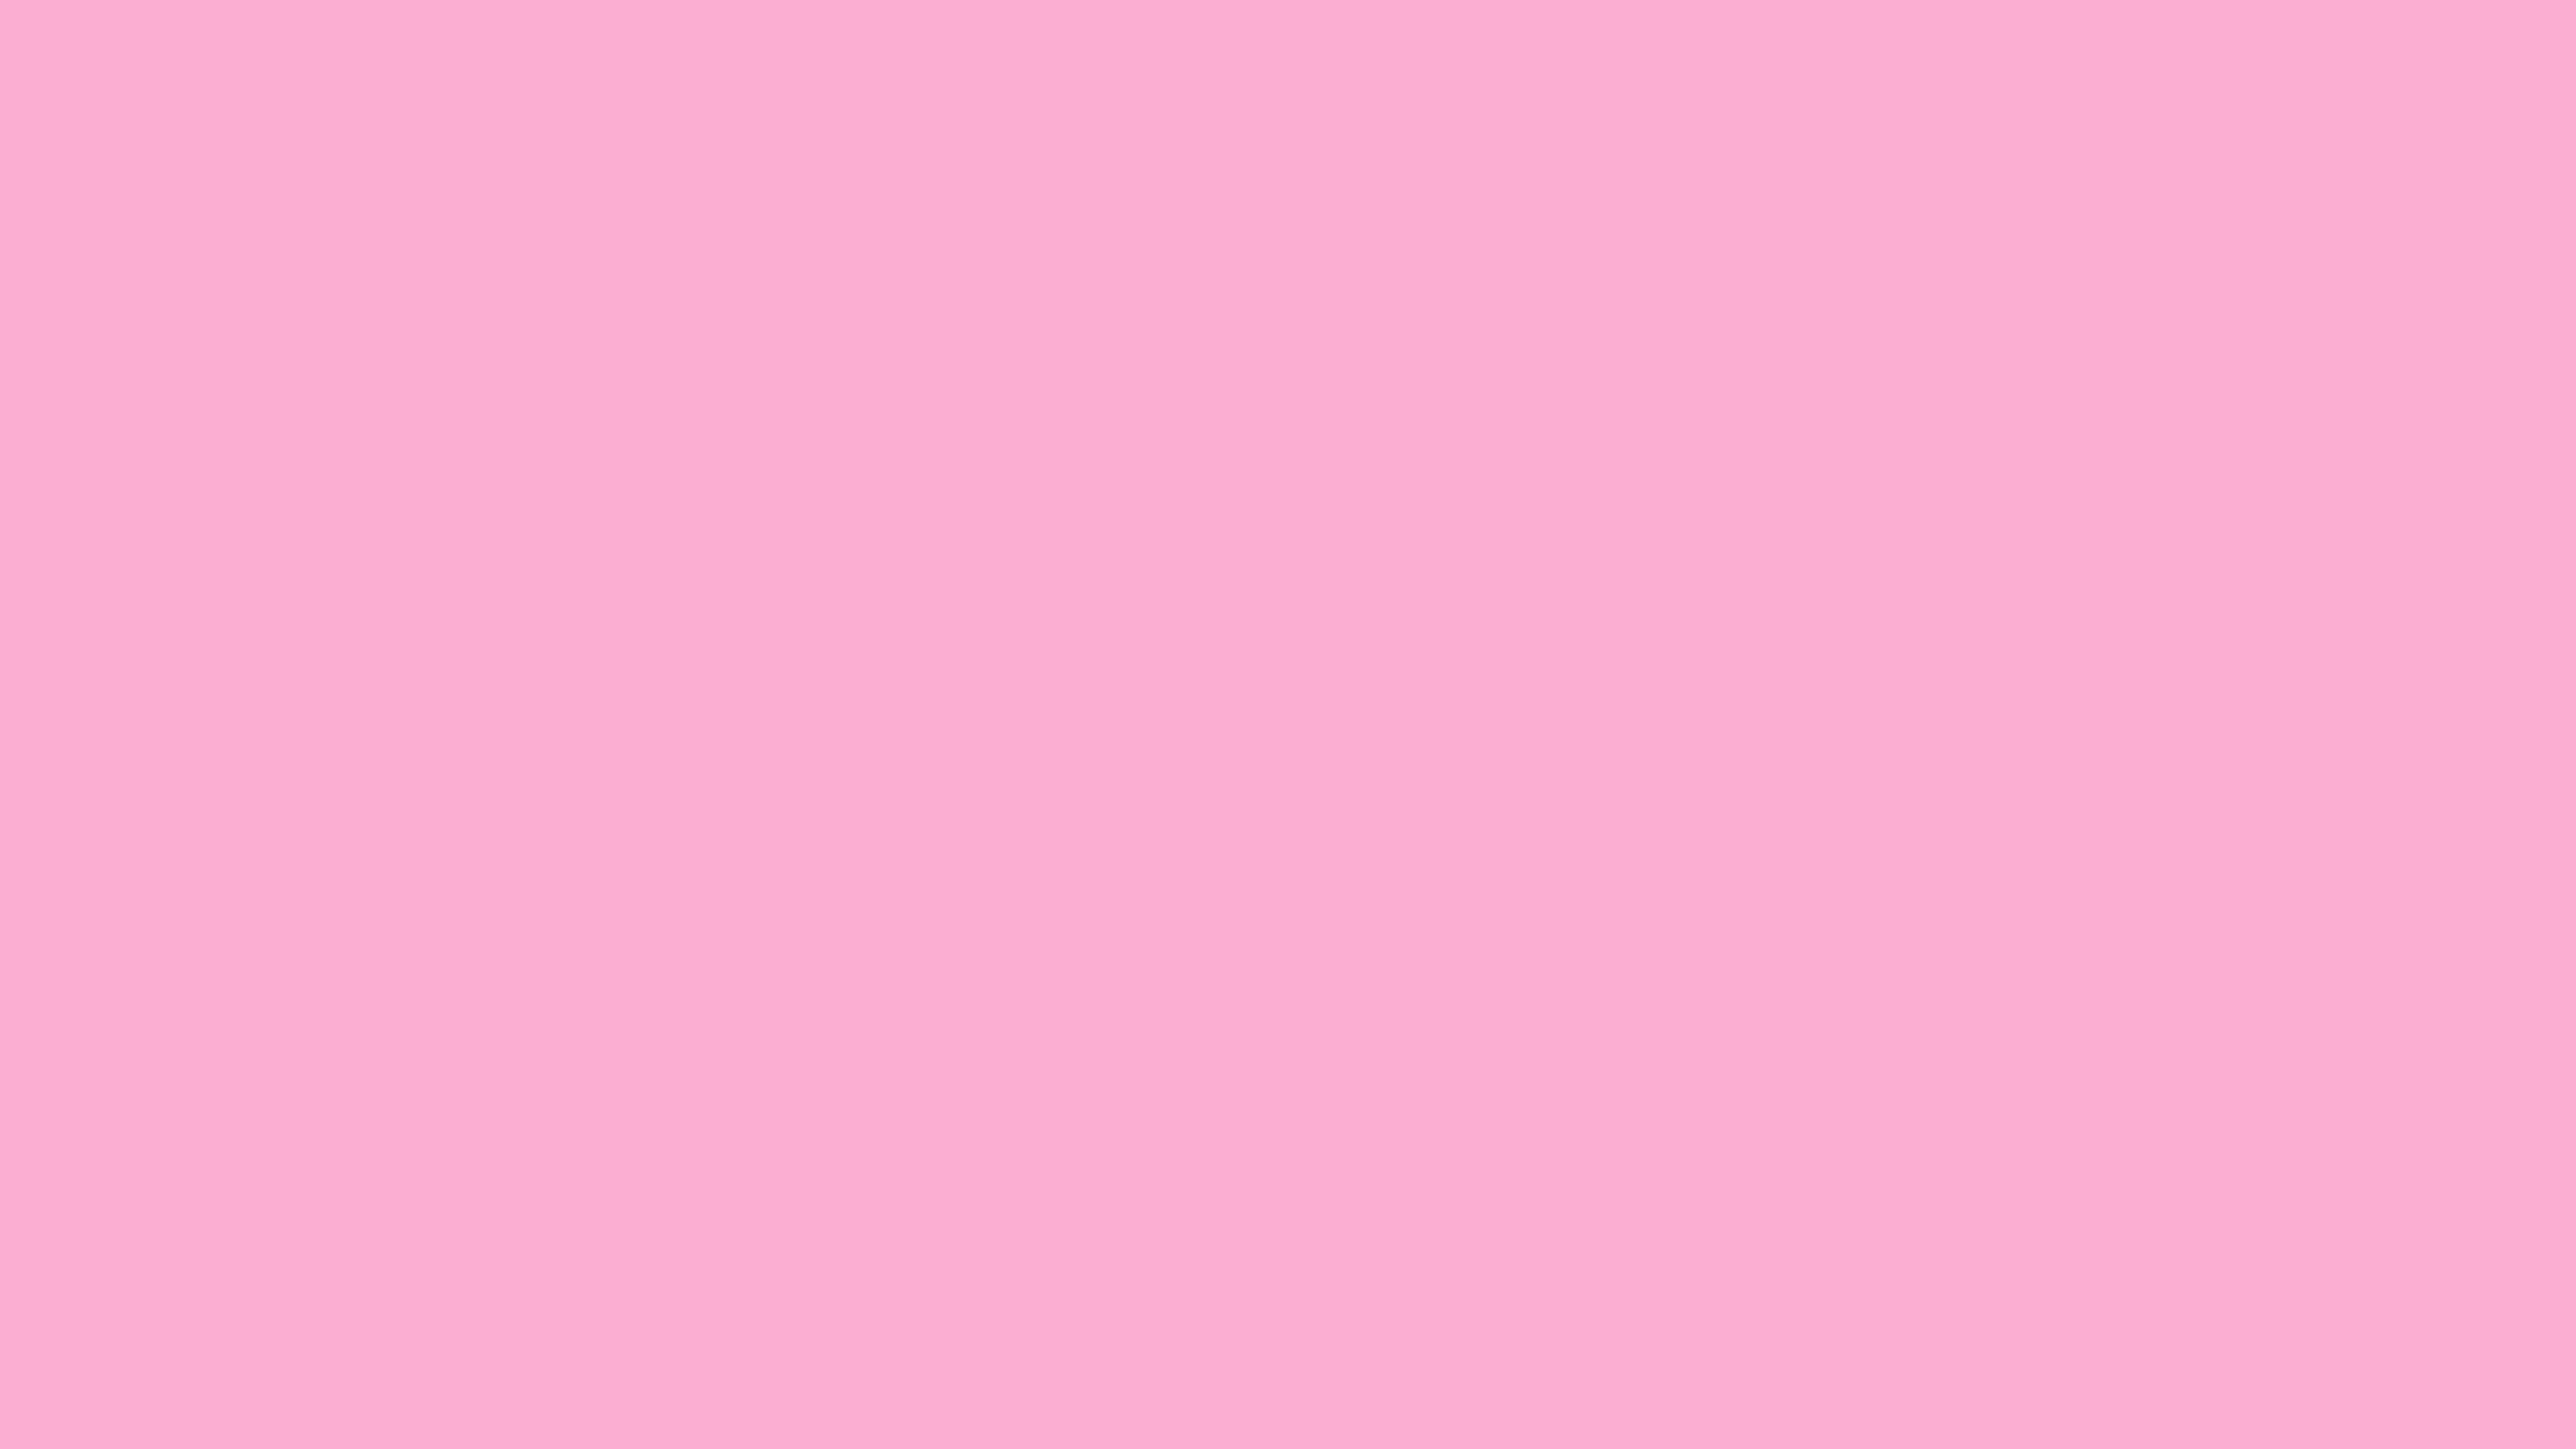 3840x2160 Lavender Pink Solid Color Background